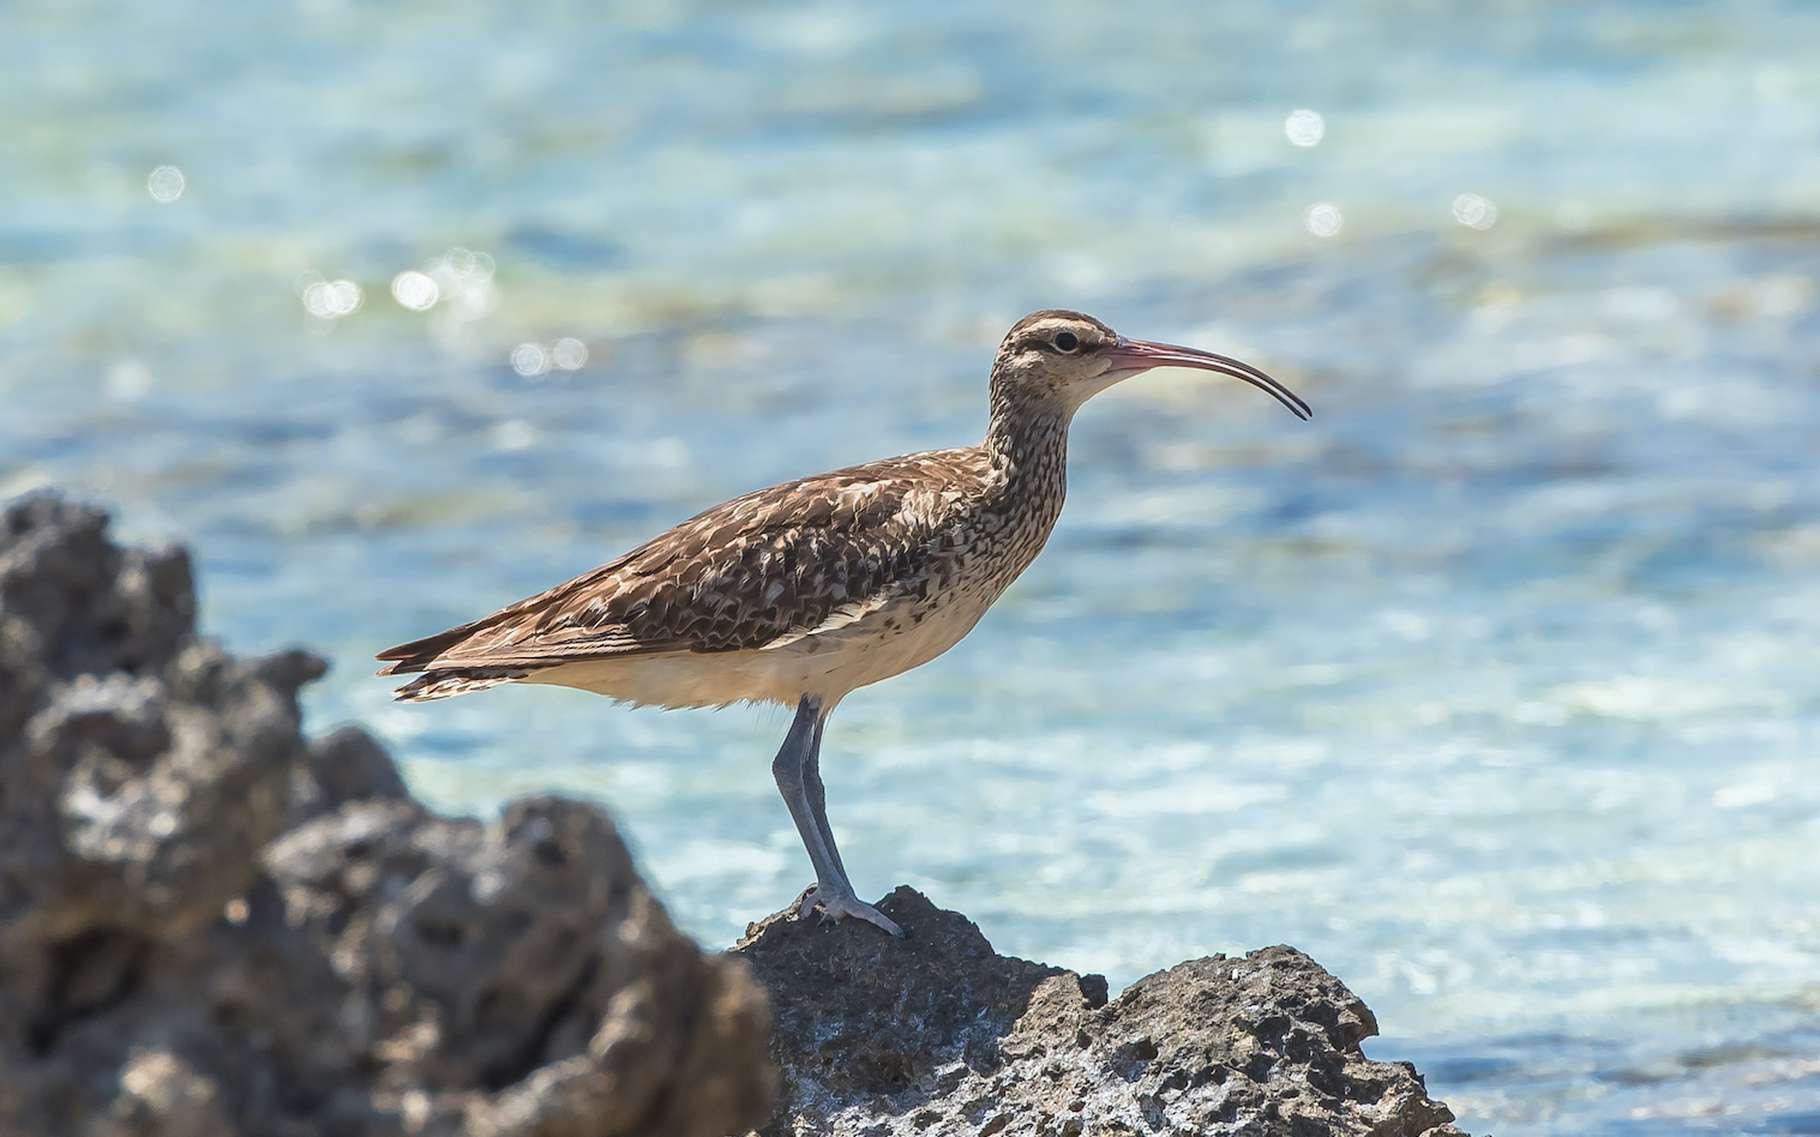 Le Courlis d'Alaska est l'un des oiseaux que les chercheurs du programme Kivi Kuaka ont choisi de suivre. Ils espèrent que ses mouvements les aideront à mettre en place un système d'alerte précoce pour les cyclones et les tsunamis. © Pascale Gueret, Adobe Stock